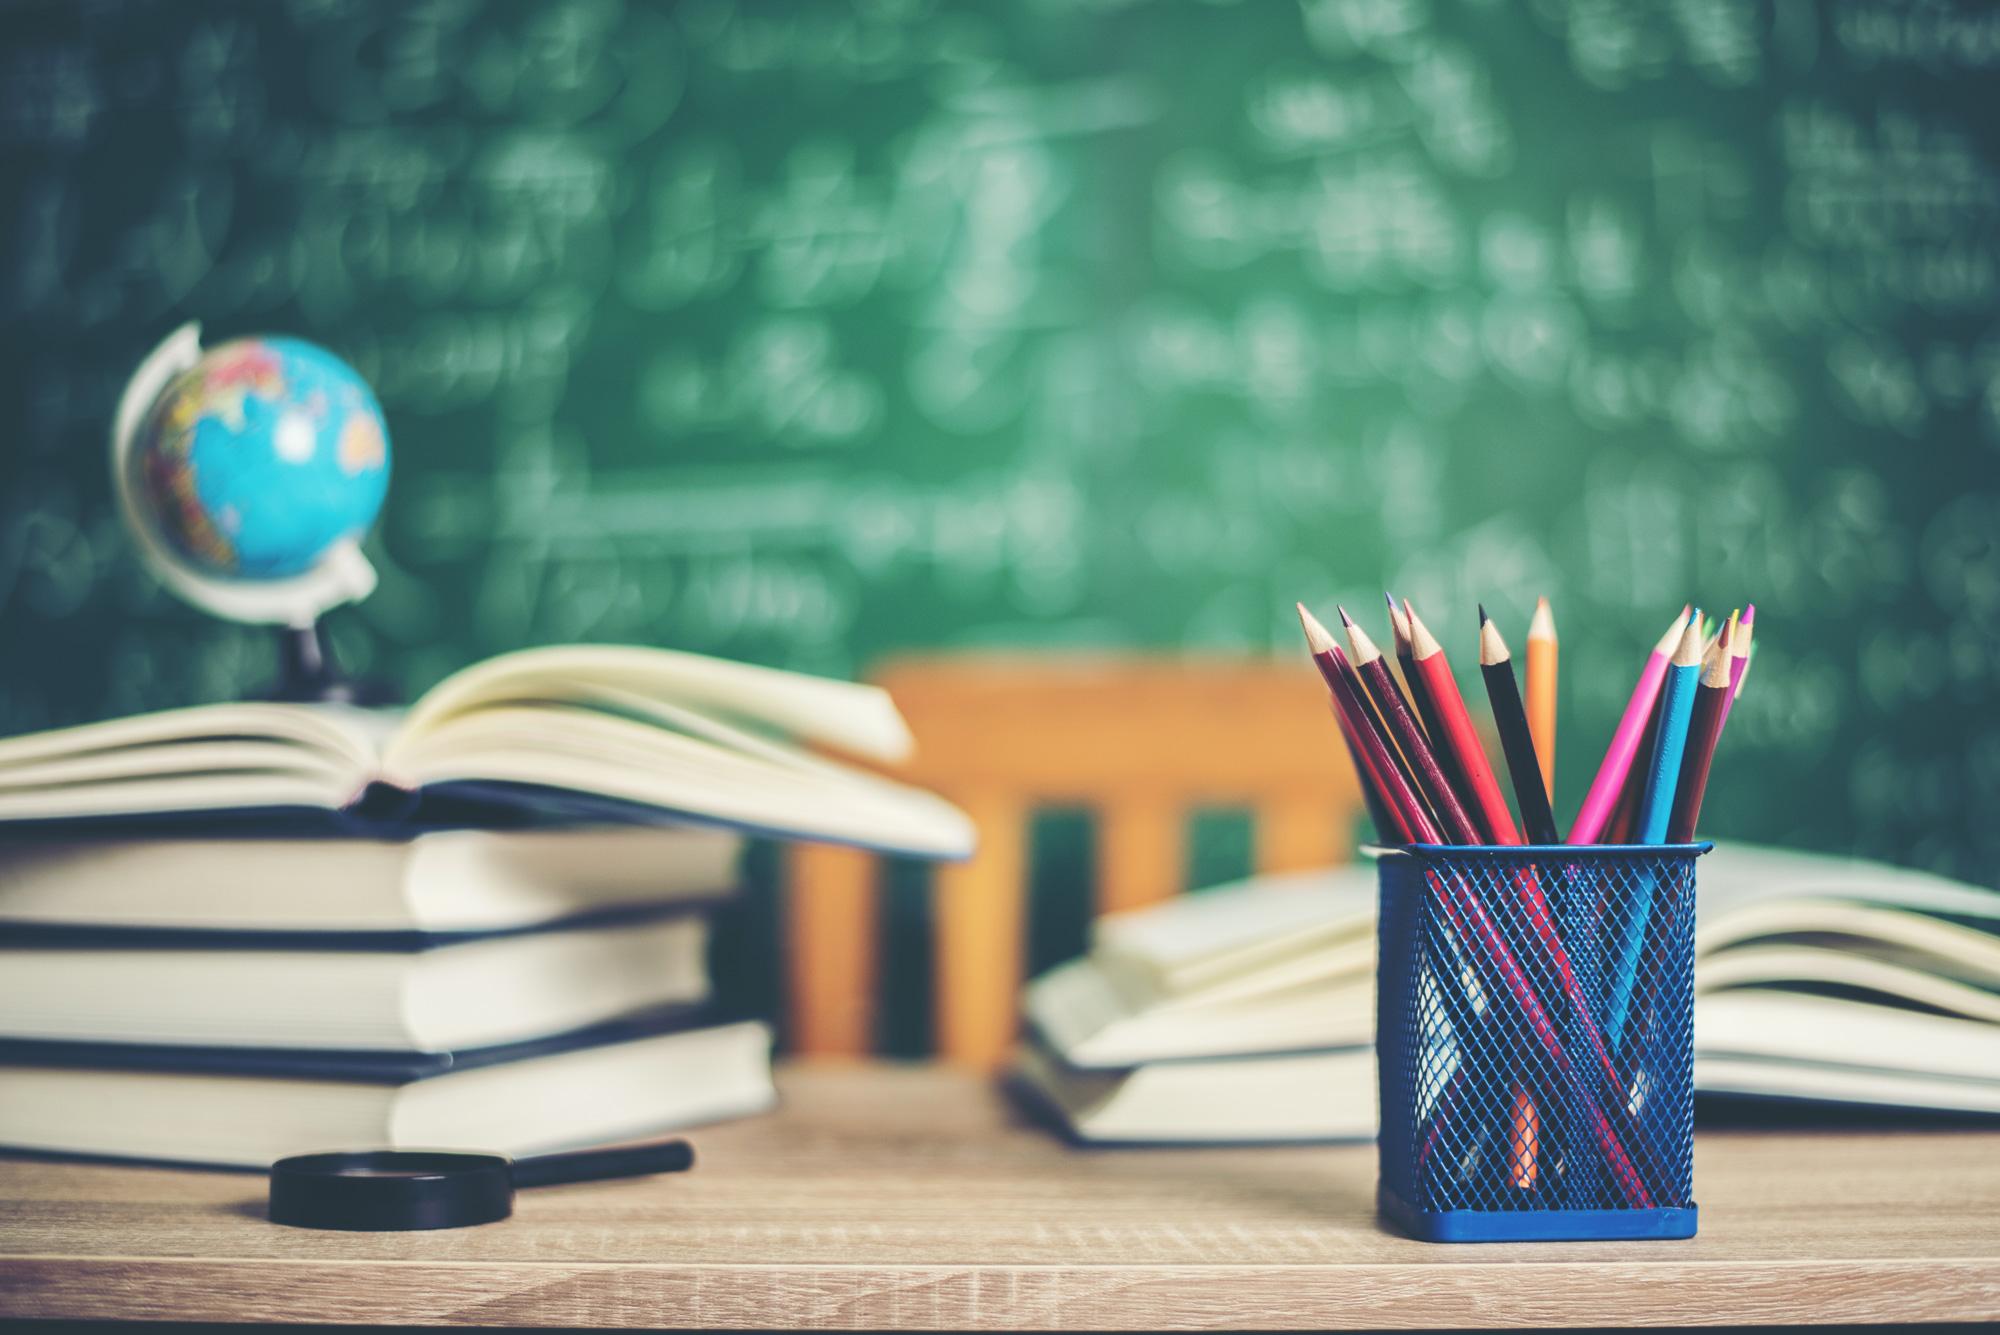 asztalon lévő könyvek, ceruzák és egy Föld gömb